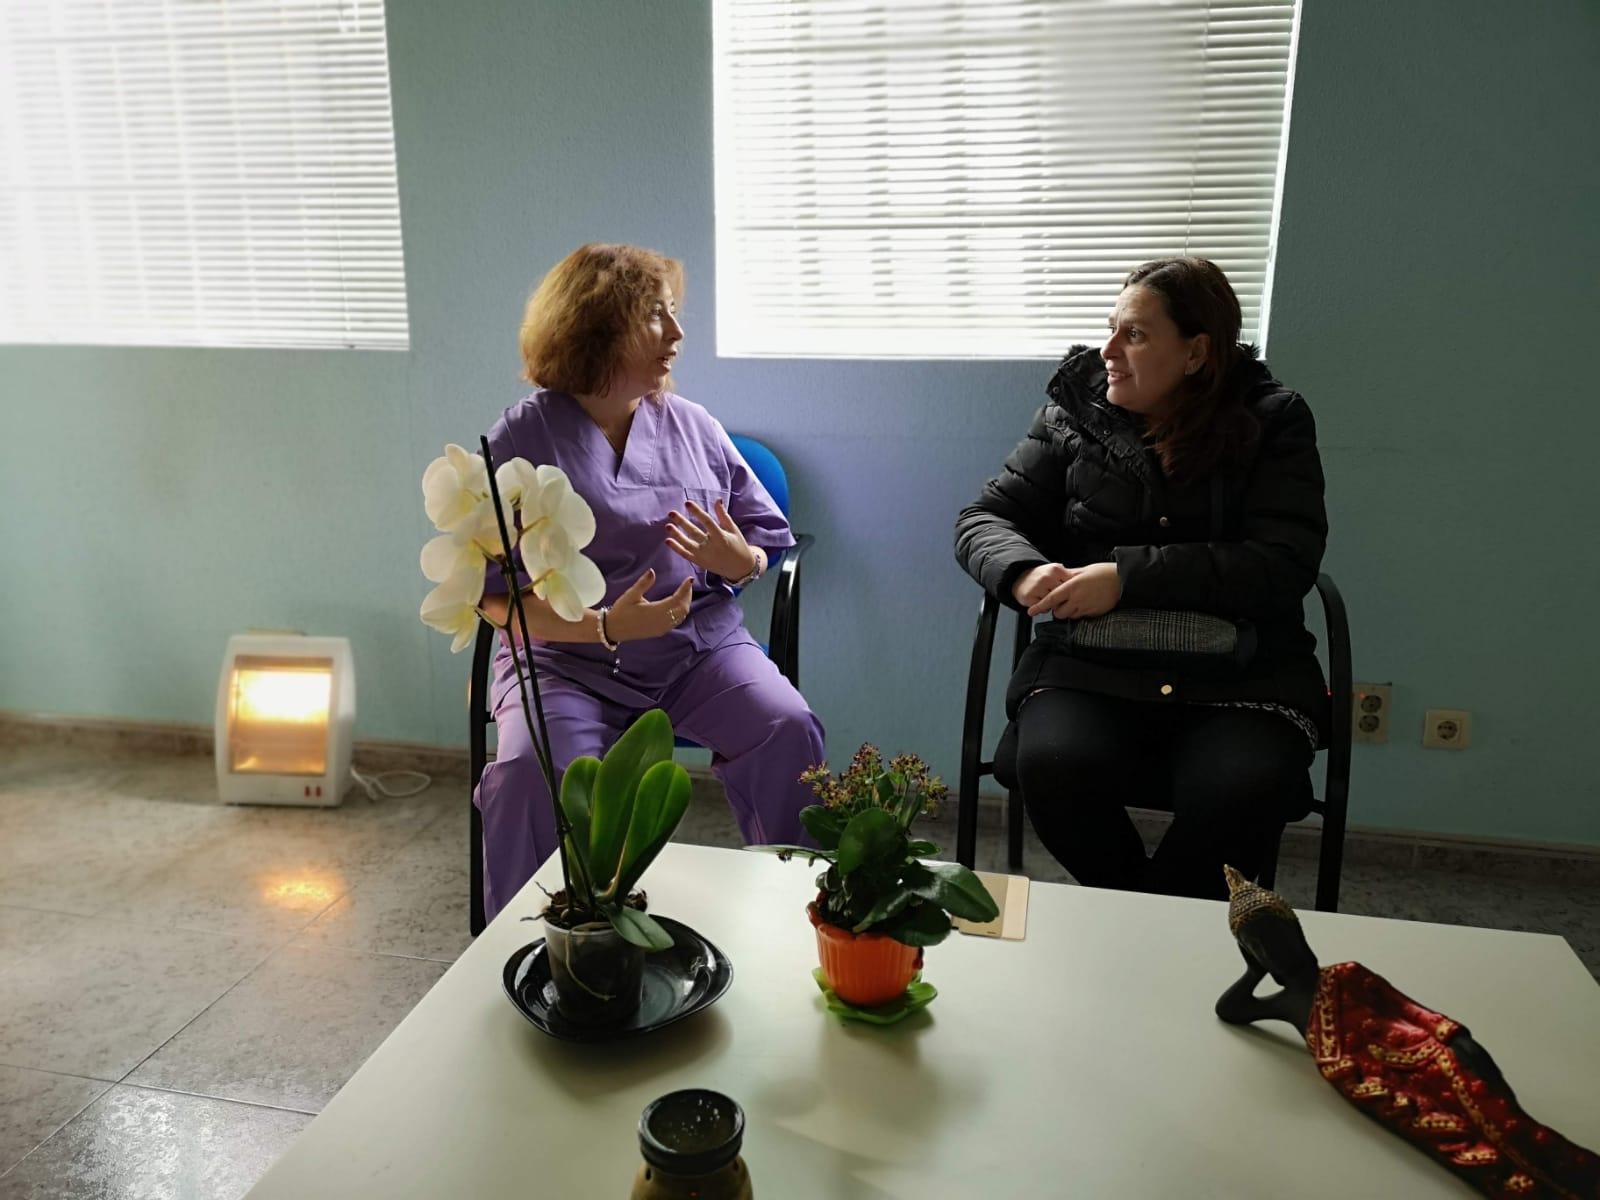 Reportaje y entrevista a Taomed Terapias, tu centro de terapias naturales y acupuntura en Móstoles